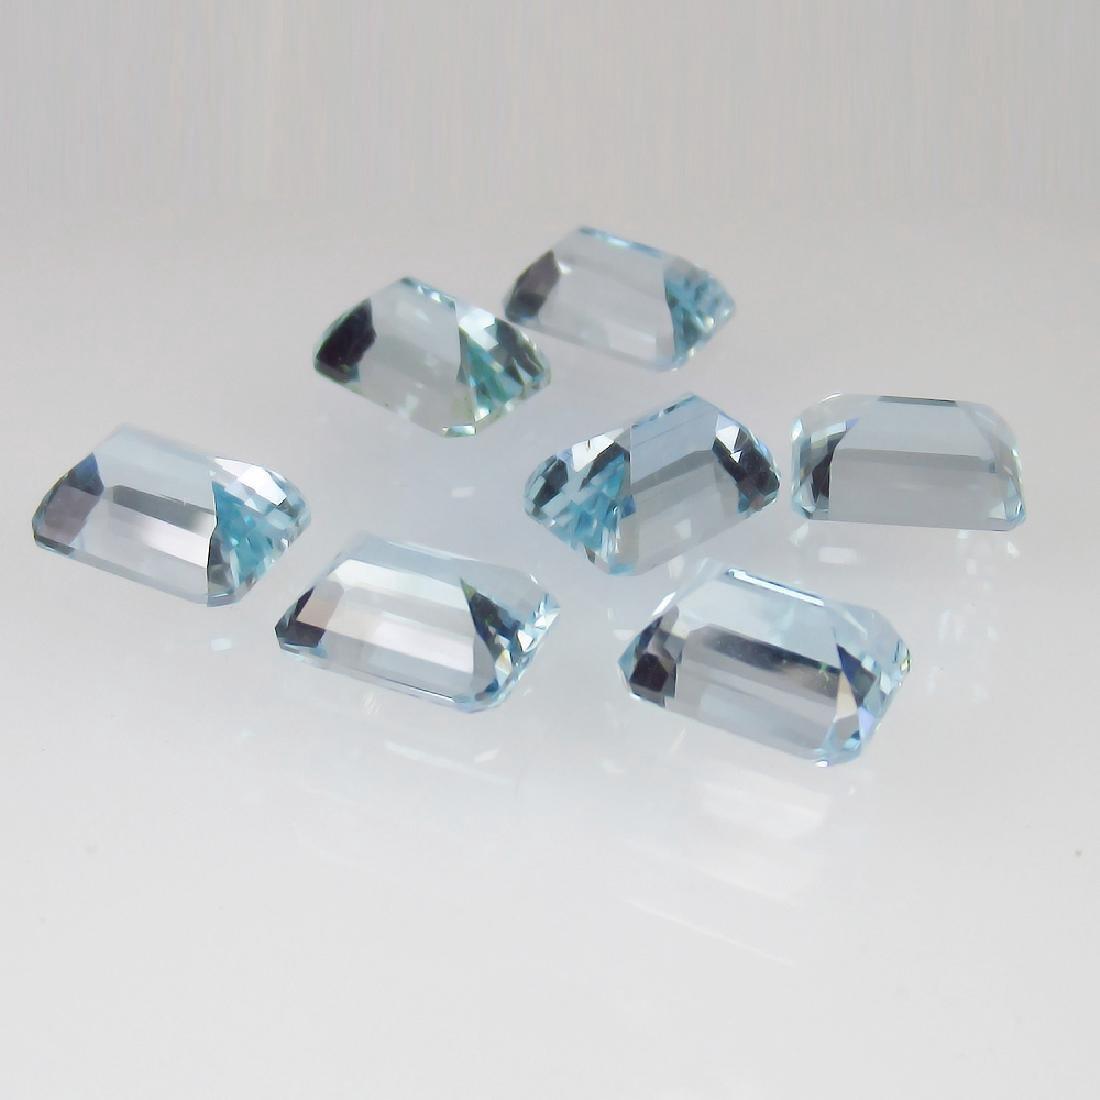 10.85 Carat Loose Aquamarine Necklace Set - 2